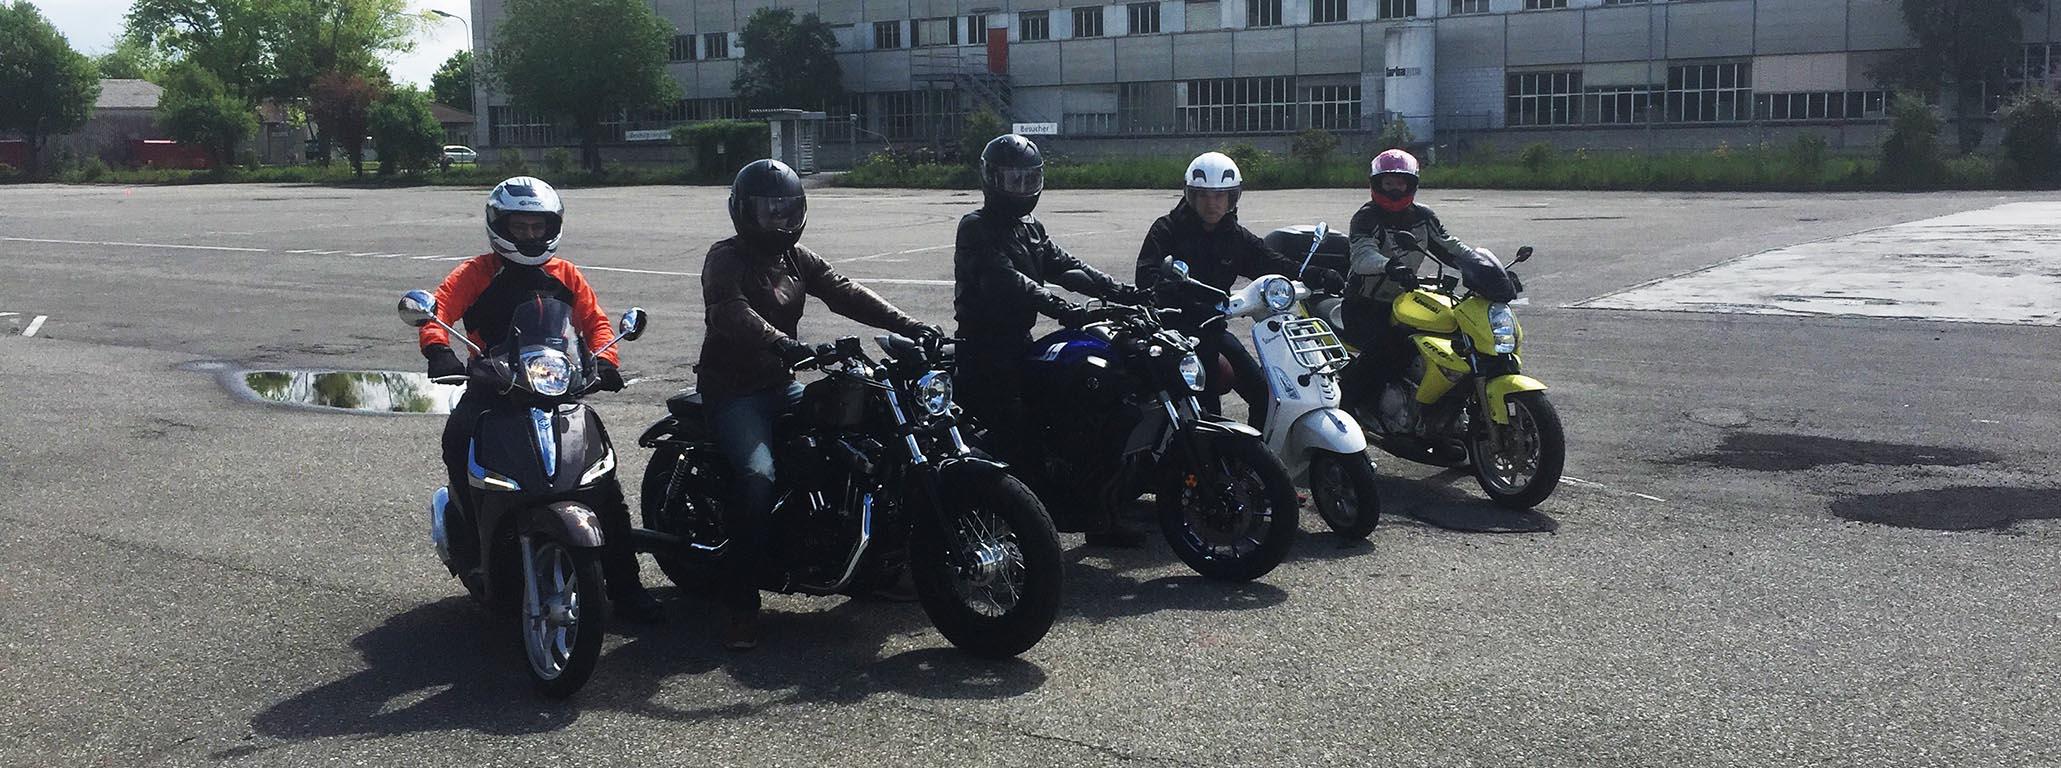 Motorradkurse